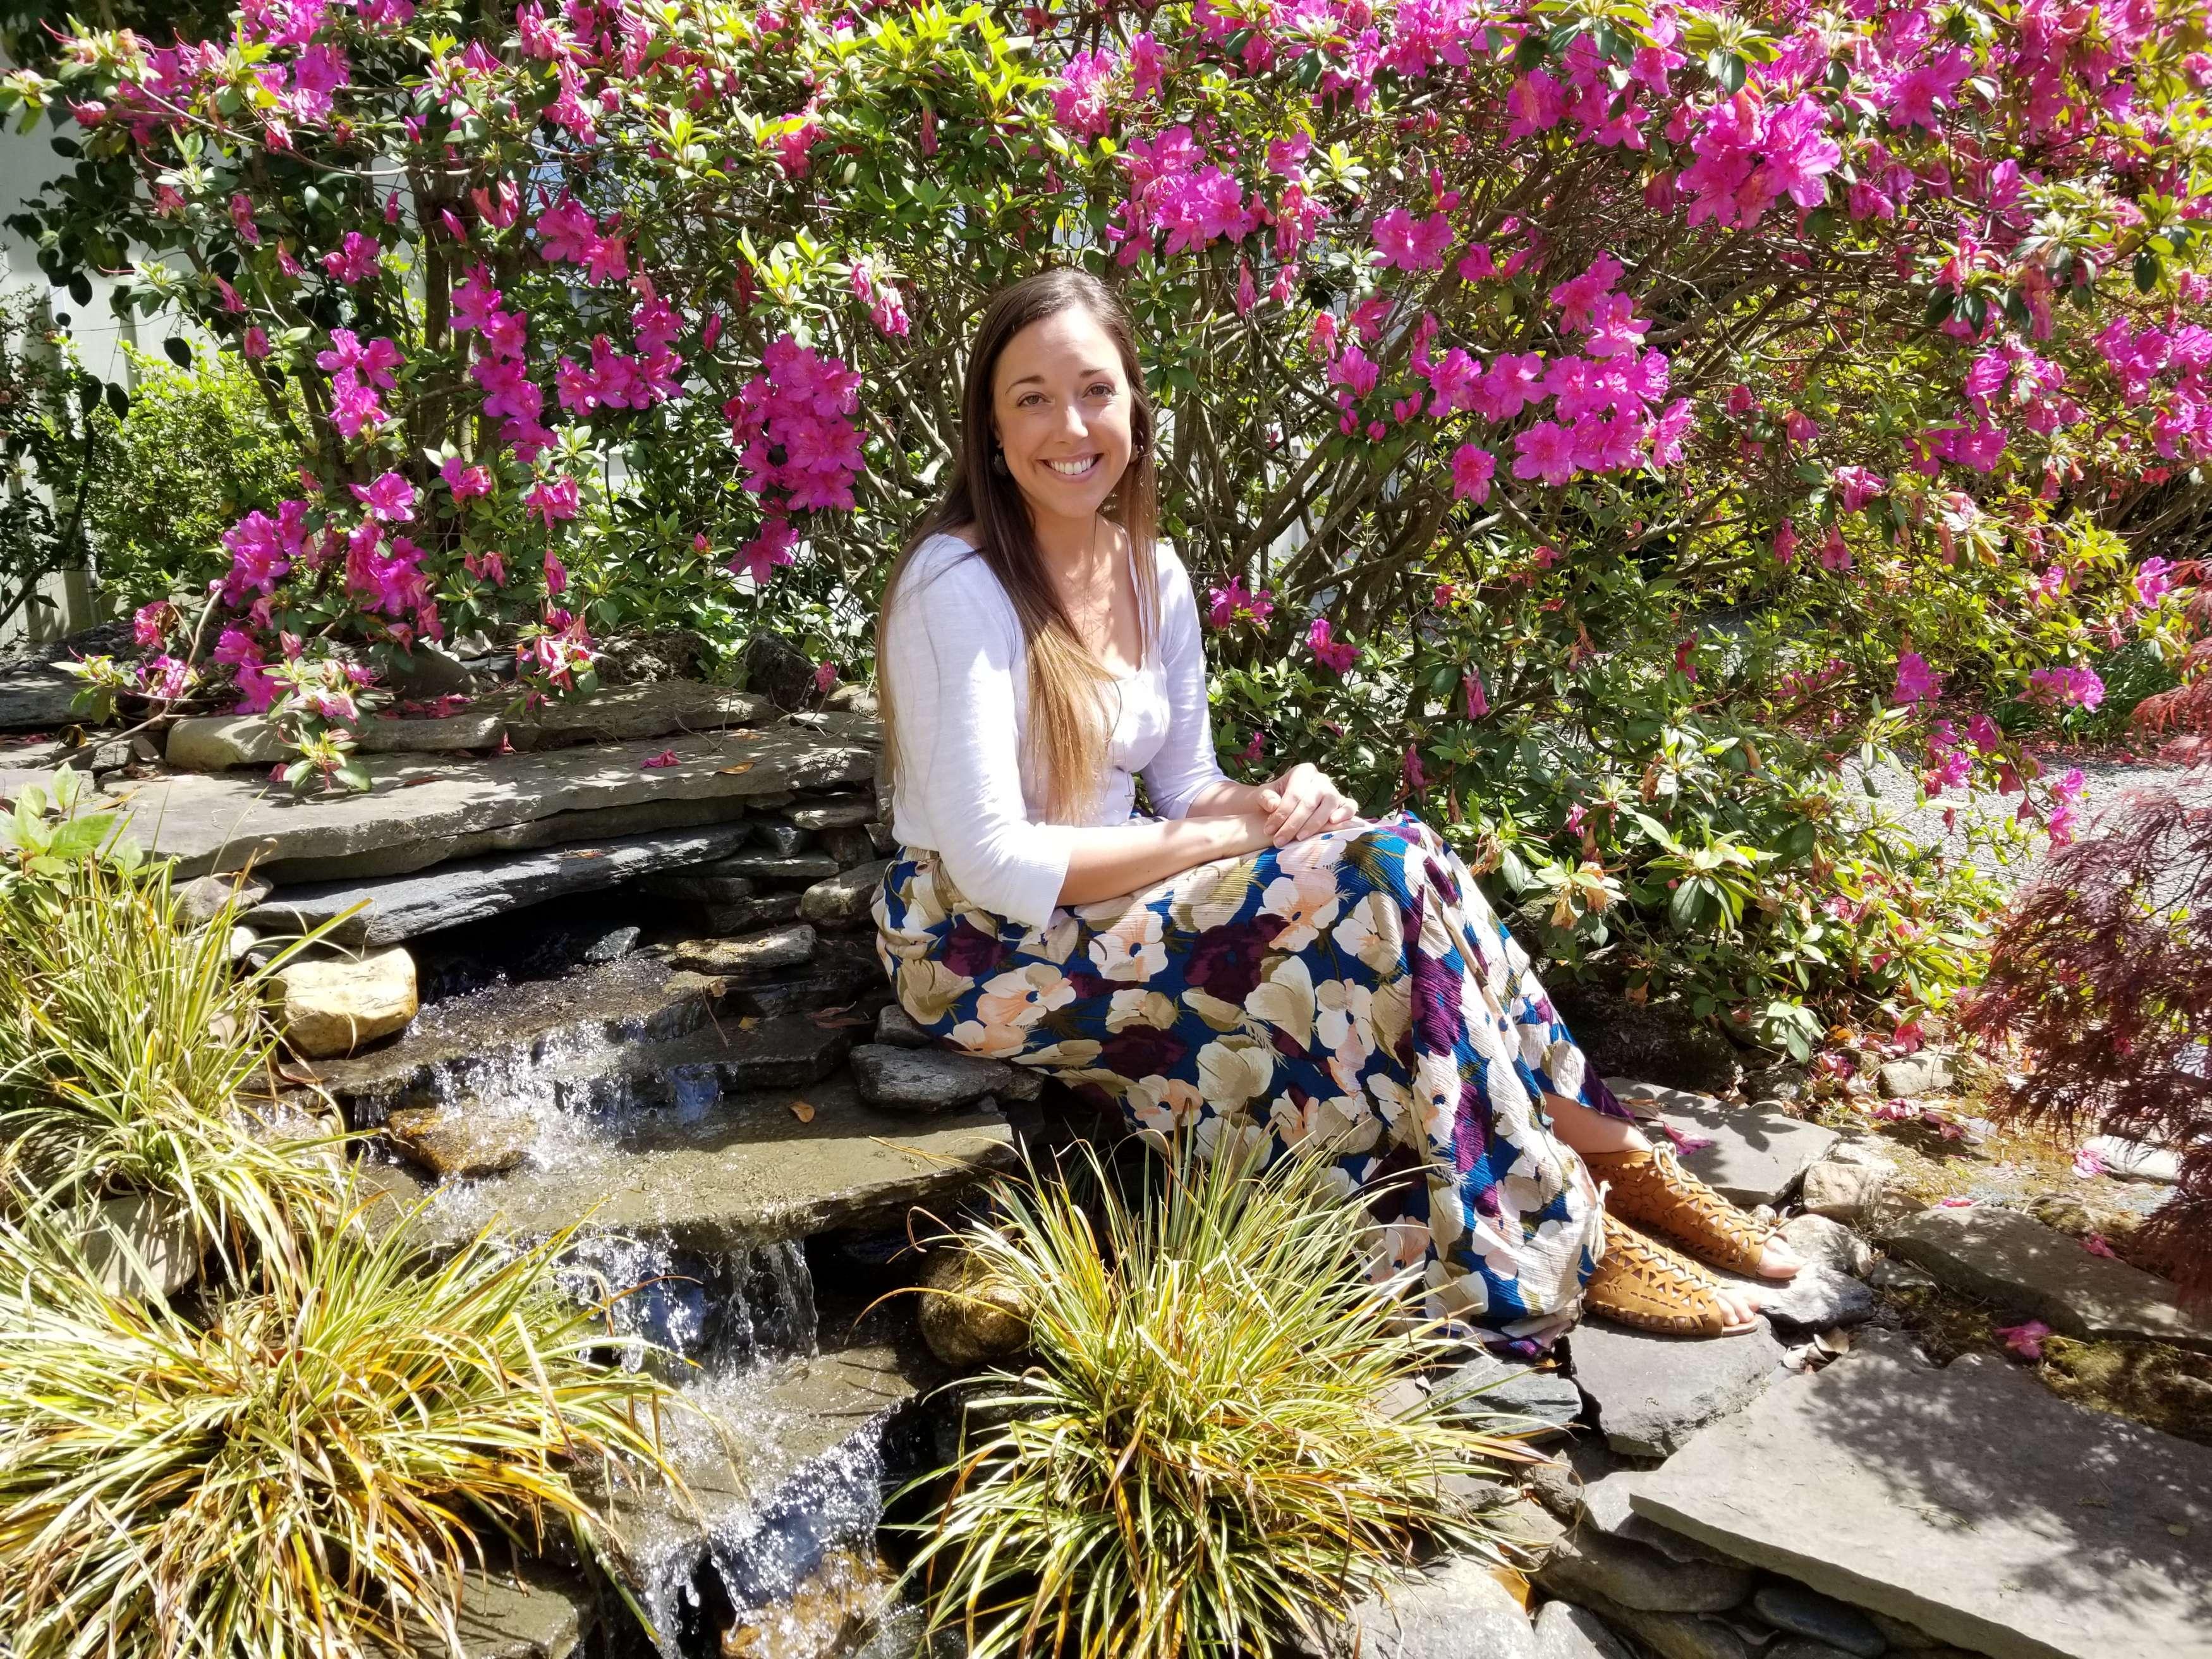 Lindsay Buffkin